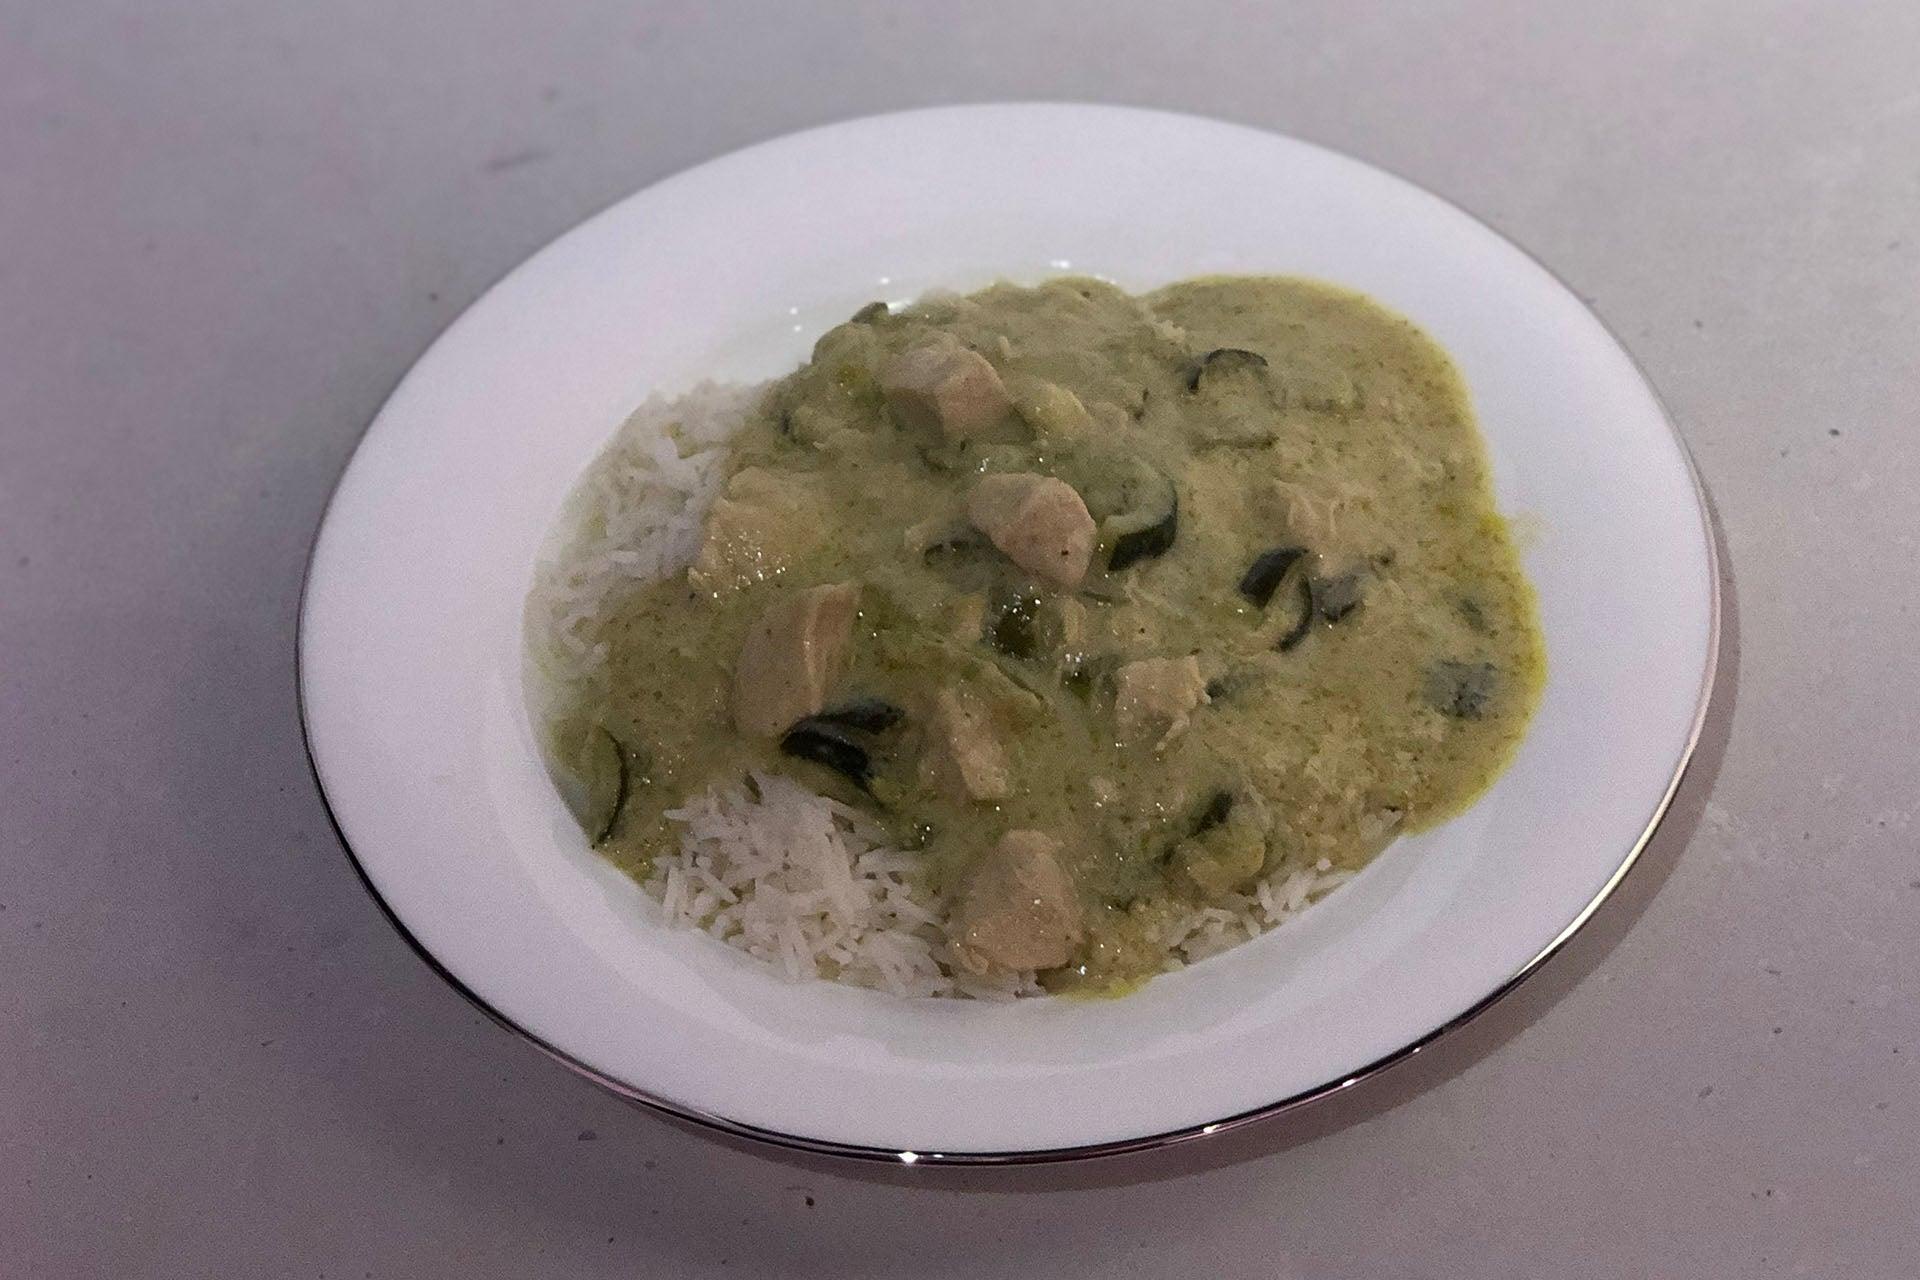 Vorwerk Thermomix Thai green curry